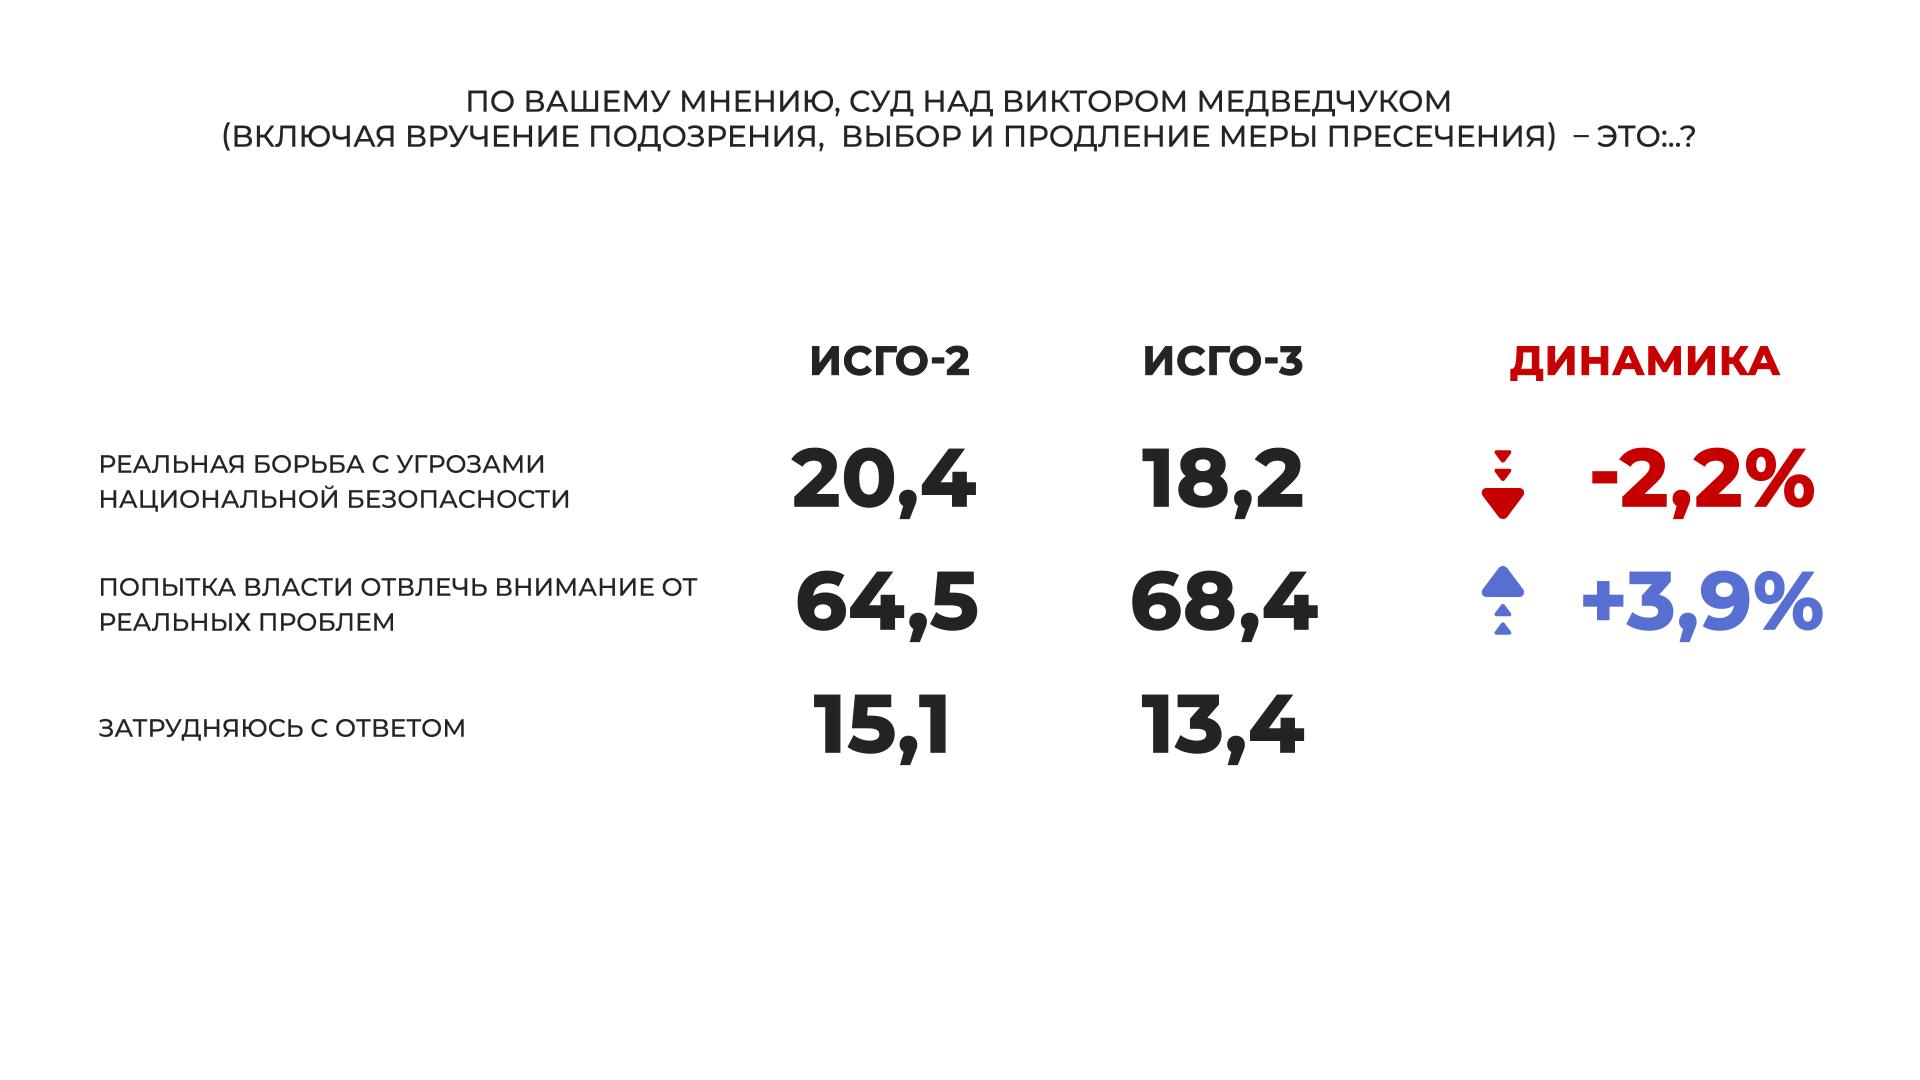 """""""Слуга народа"""" и """"Оппозиционная платформа – За жизнь"""" – лидеры парламентских выборов, большинство украинцев считают, что Медведчук невиновен, - соцопрос - фото 7"""